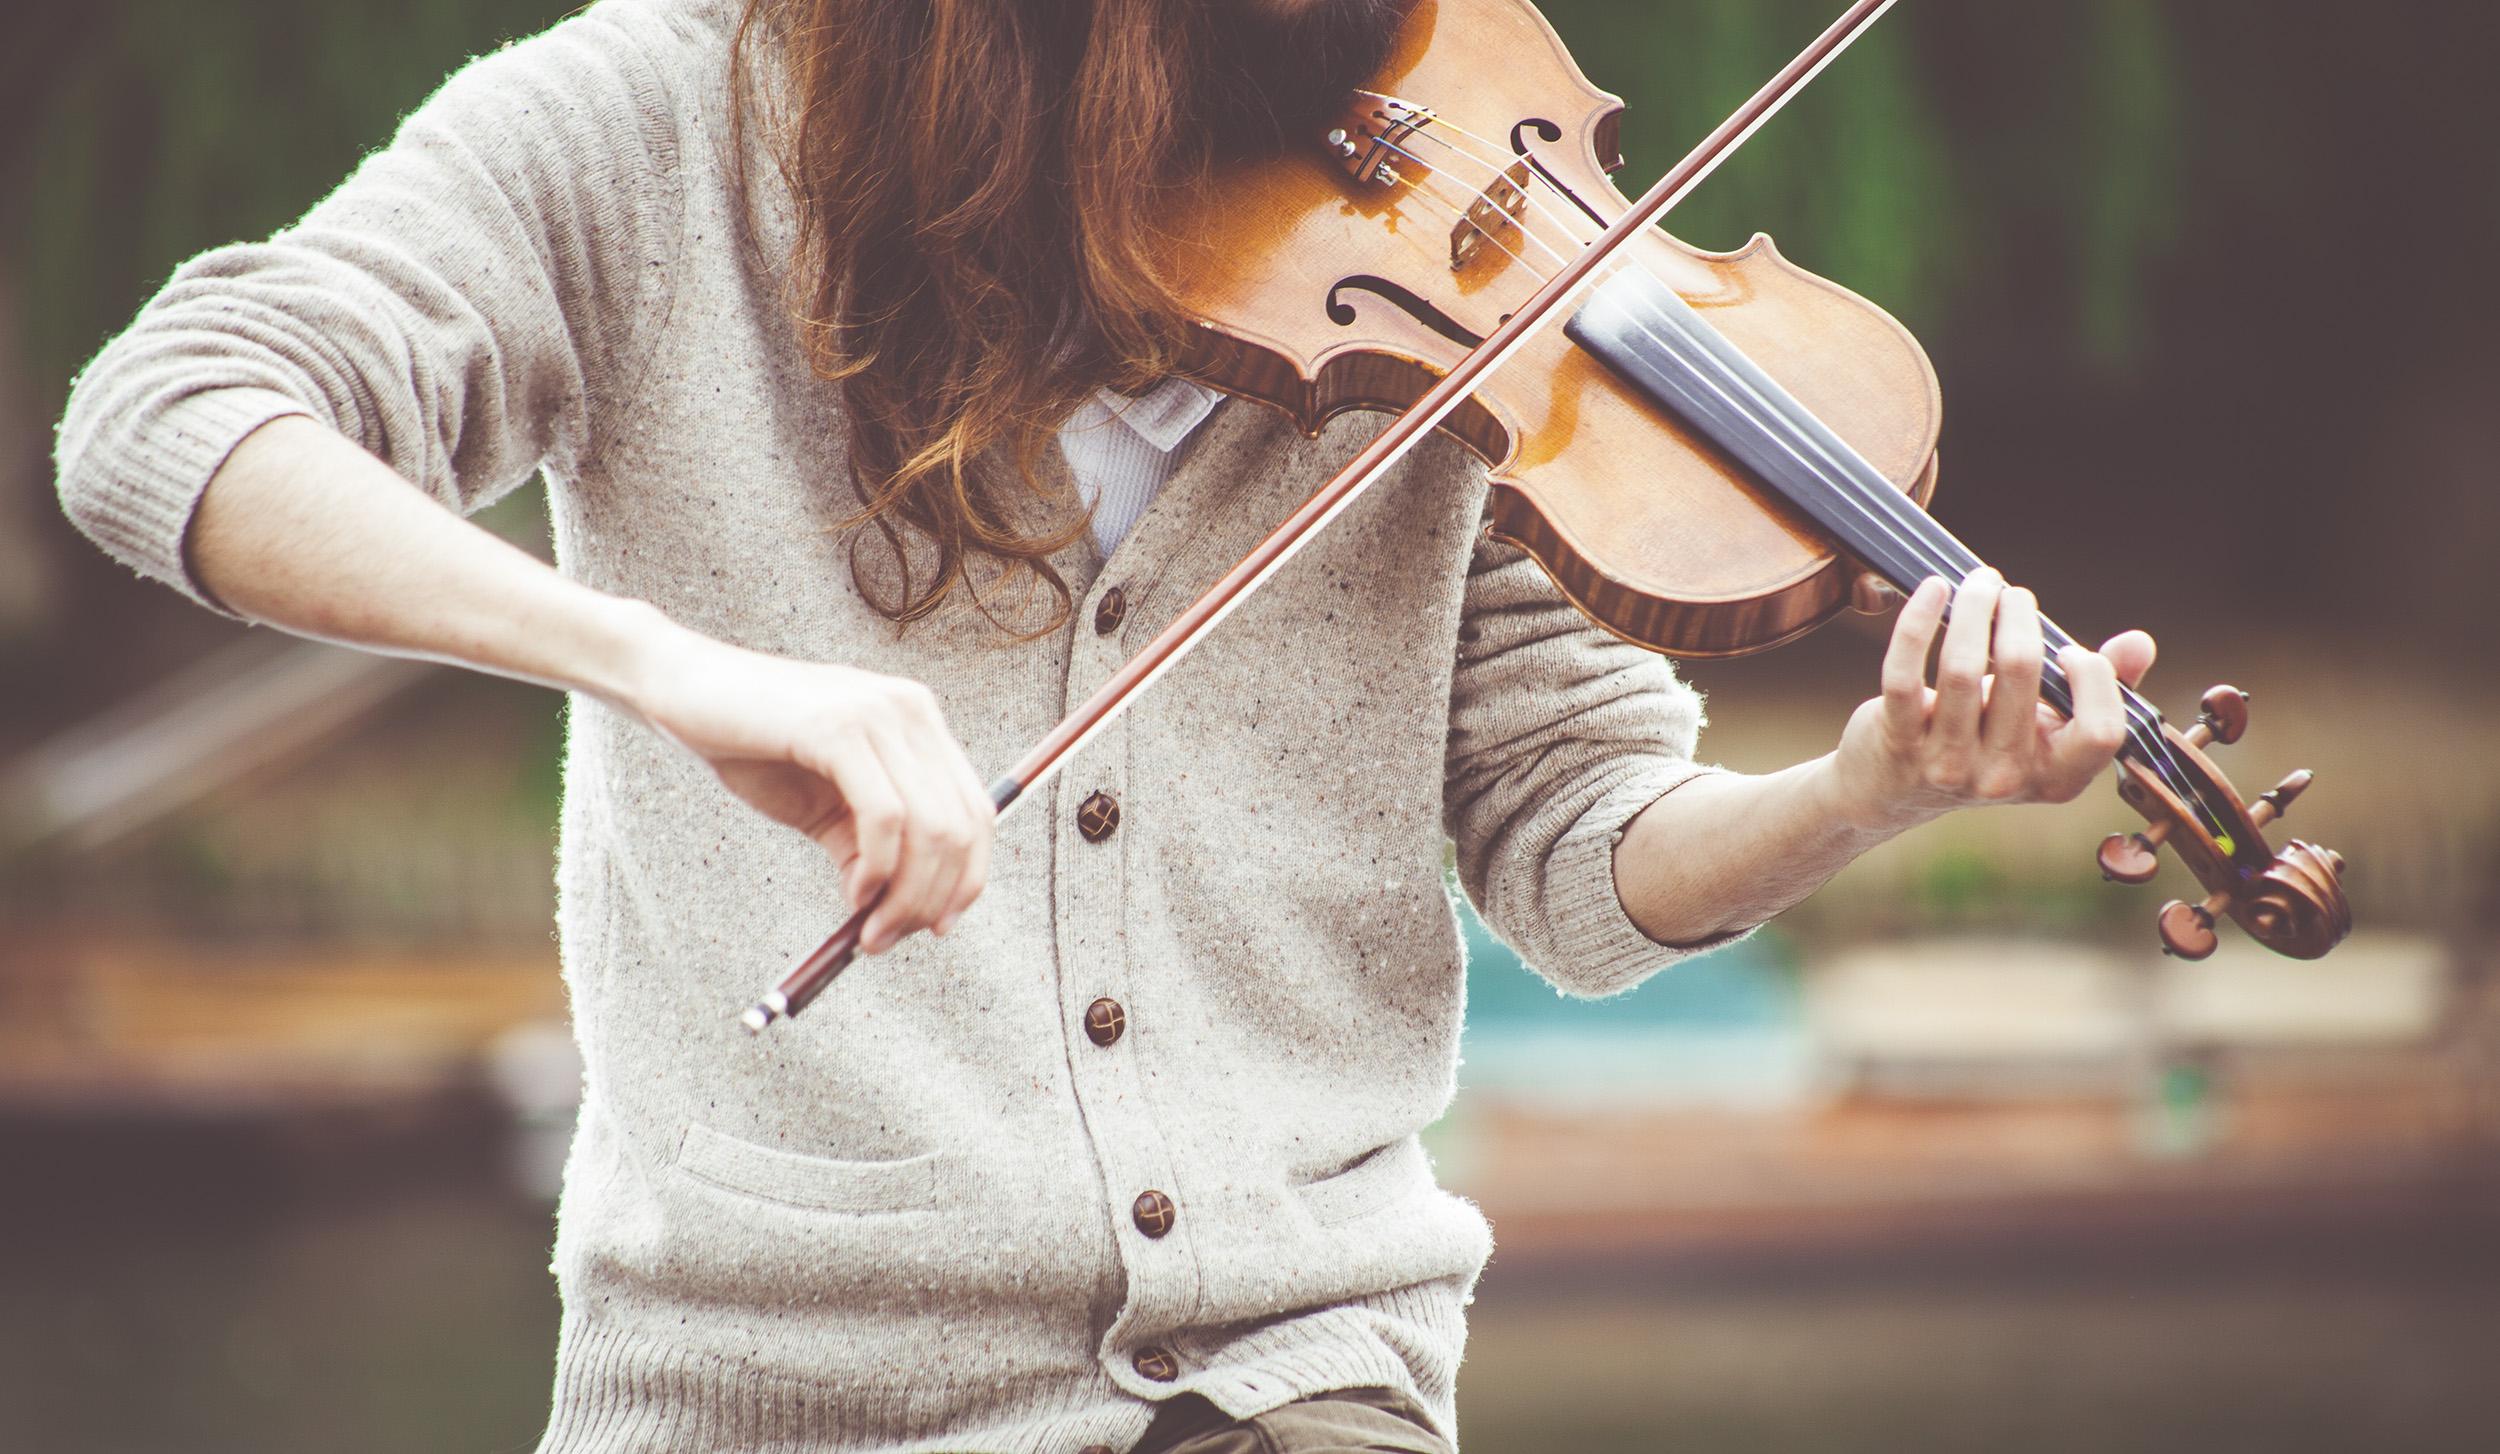 音樂人工智慧的研究範疇,除了理解音樂天才如何聽音樂以外,還有音樂演奏家如何「詮釋」音樂。 圖片來源│Clem Onojeghuo